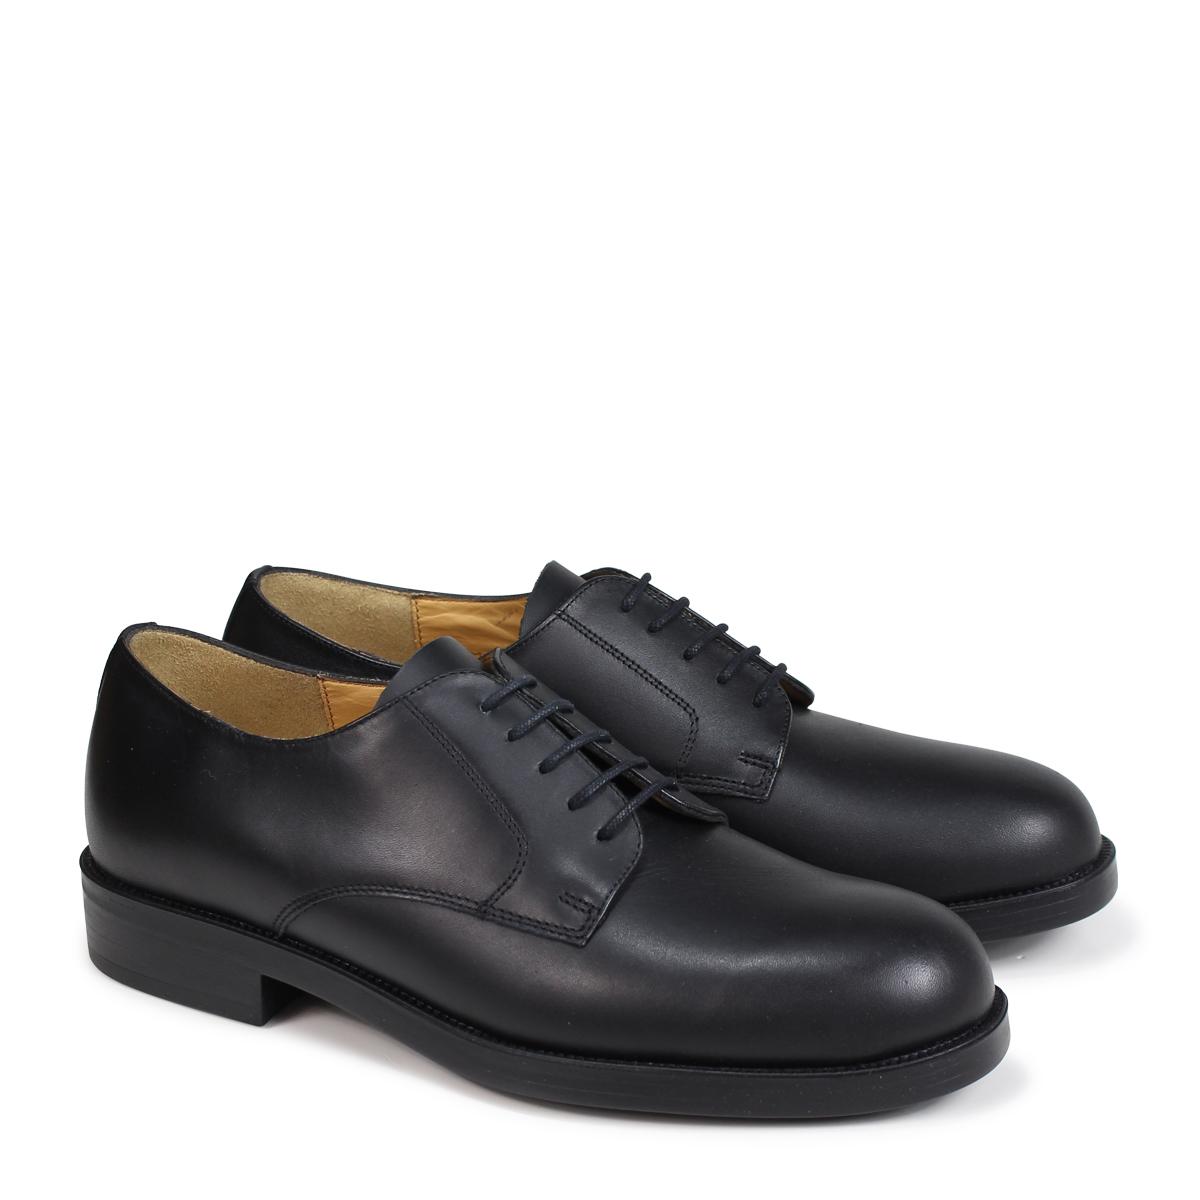 【最大2000円OFFクーポン】 【訳あり】 【BOX破損】 KLEMAN PASTANI クレマン 靴 プレーントゥ シューズ メンズ PLAIN TOE SHOES ブラック 黒 VA73102 【返品不可】